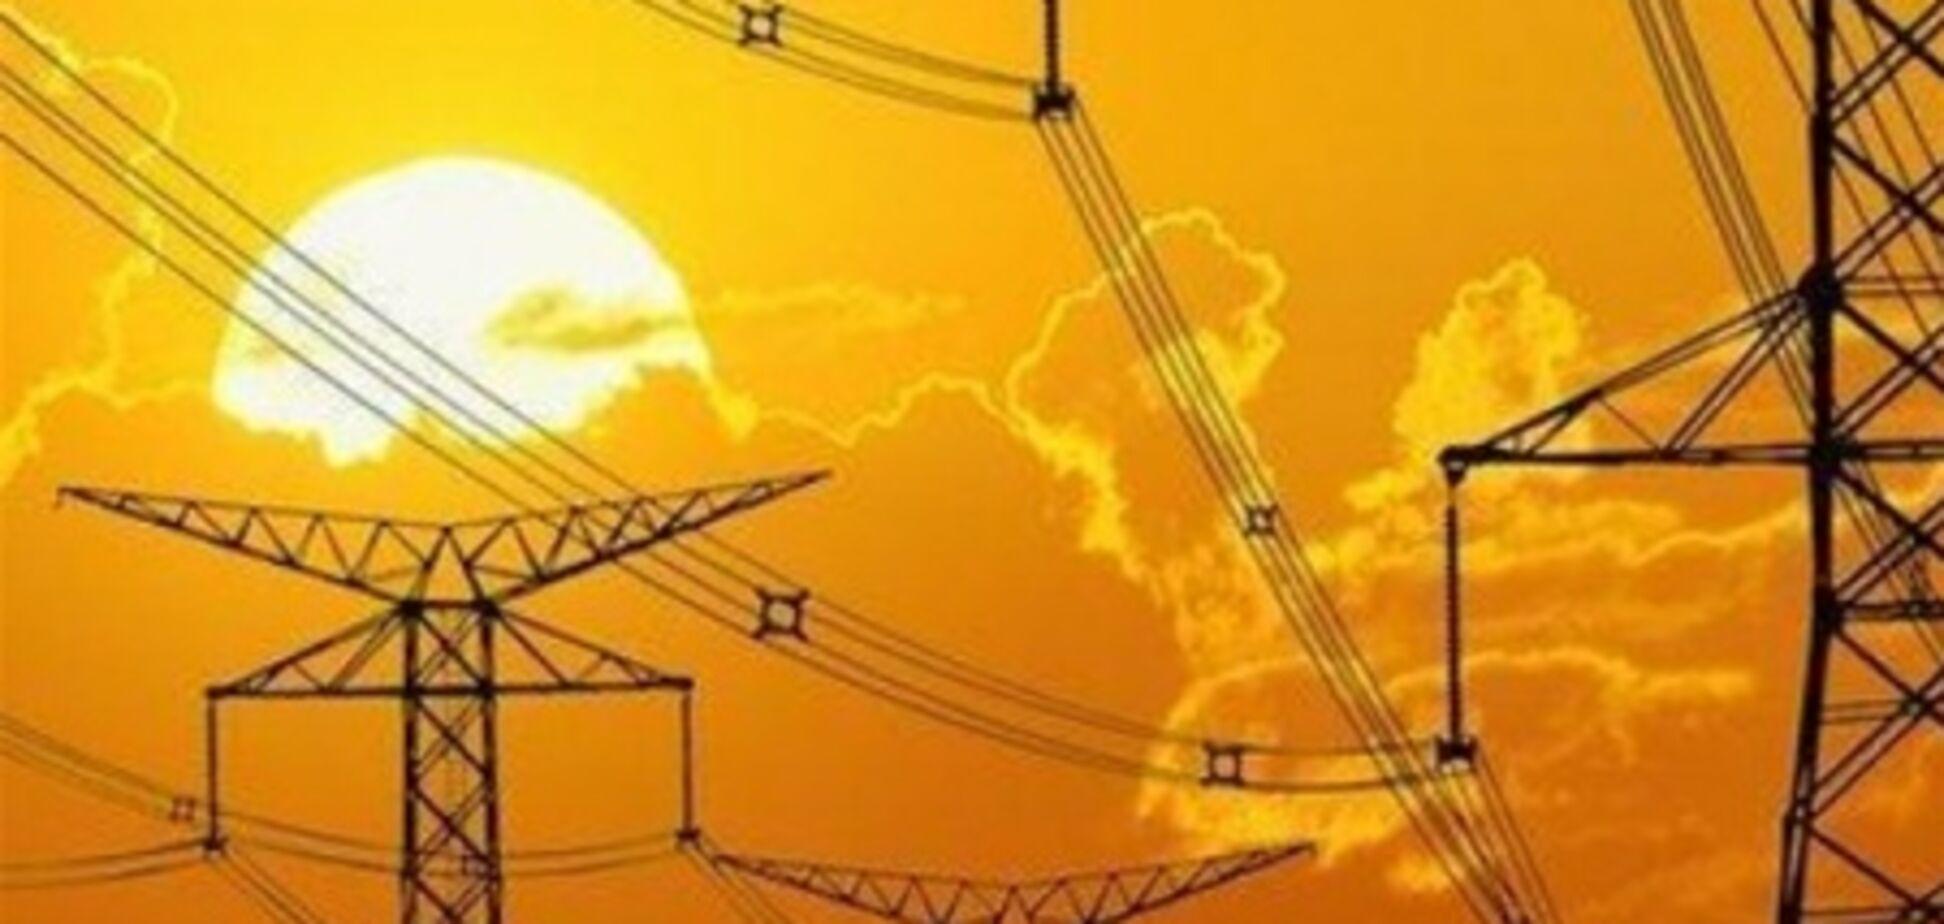 Покупка 'Донецкоблэнерго' соответствует планам ДТЭК по модернизации энергосистемы Донбасса - Тимченко